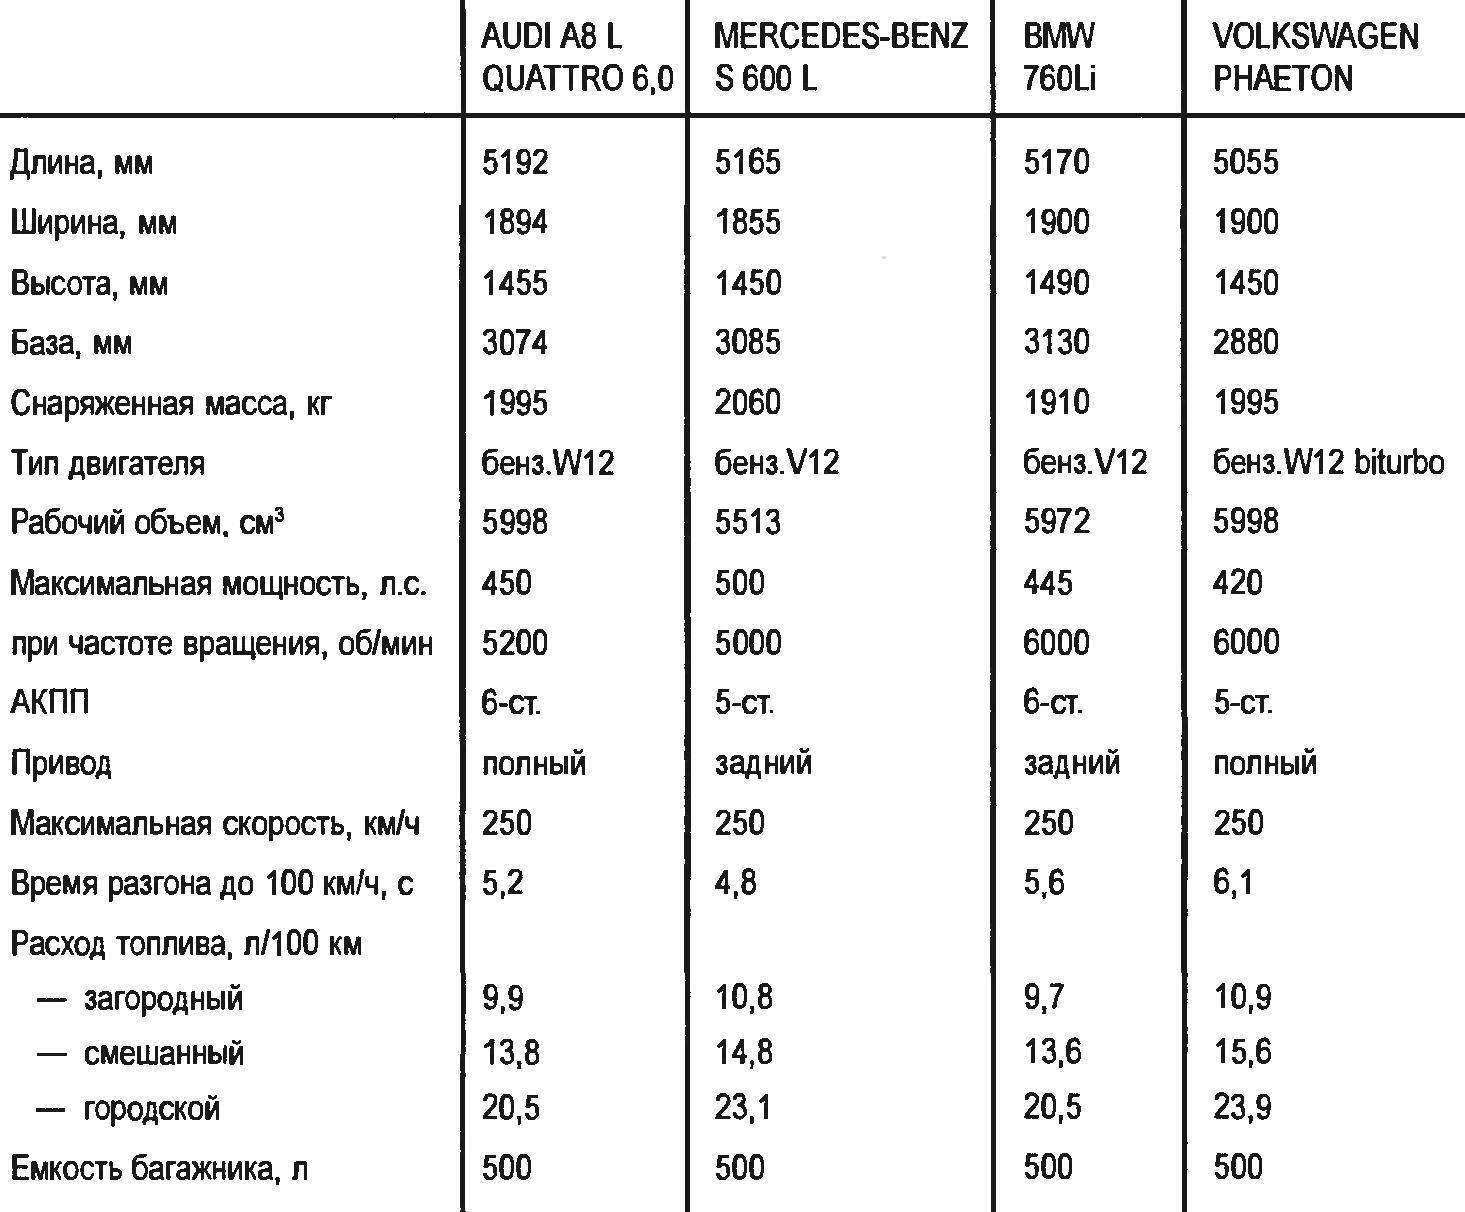 Технические характеристики представительских автомобилей с 12-цилиндровыми двигателями